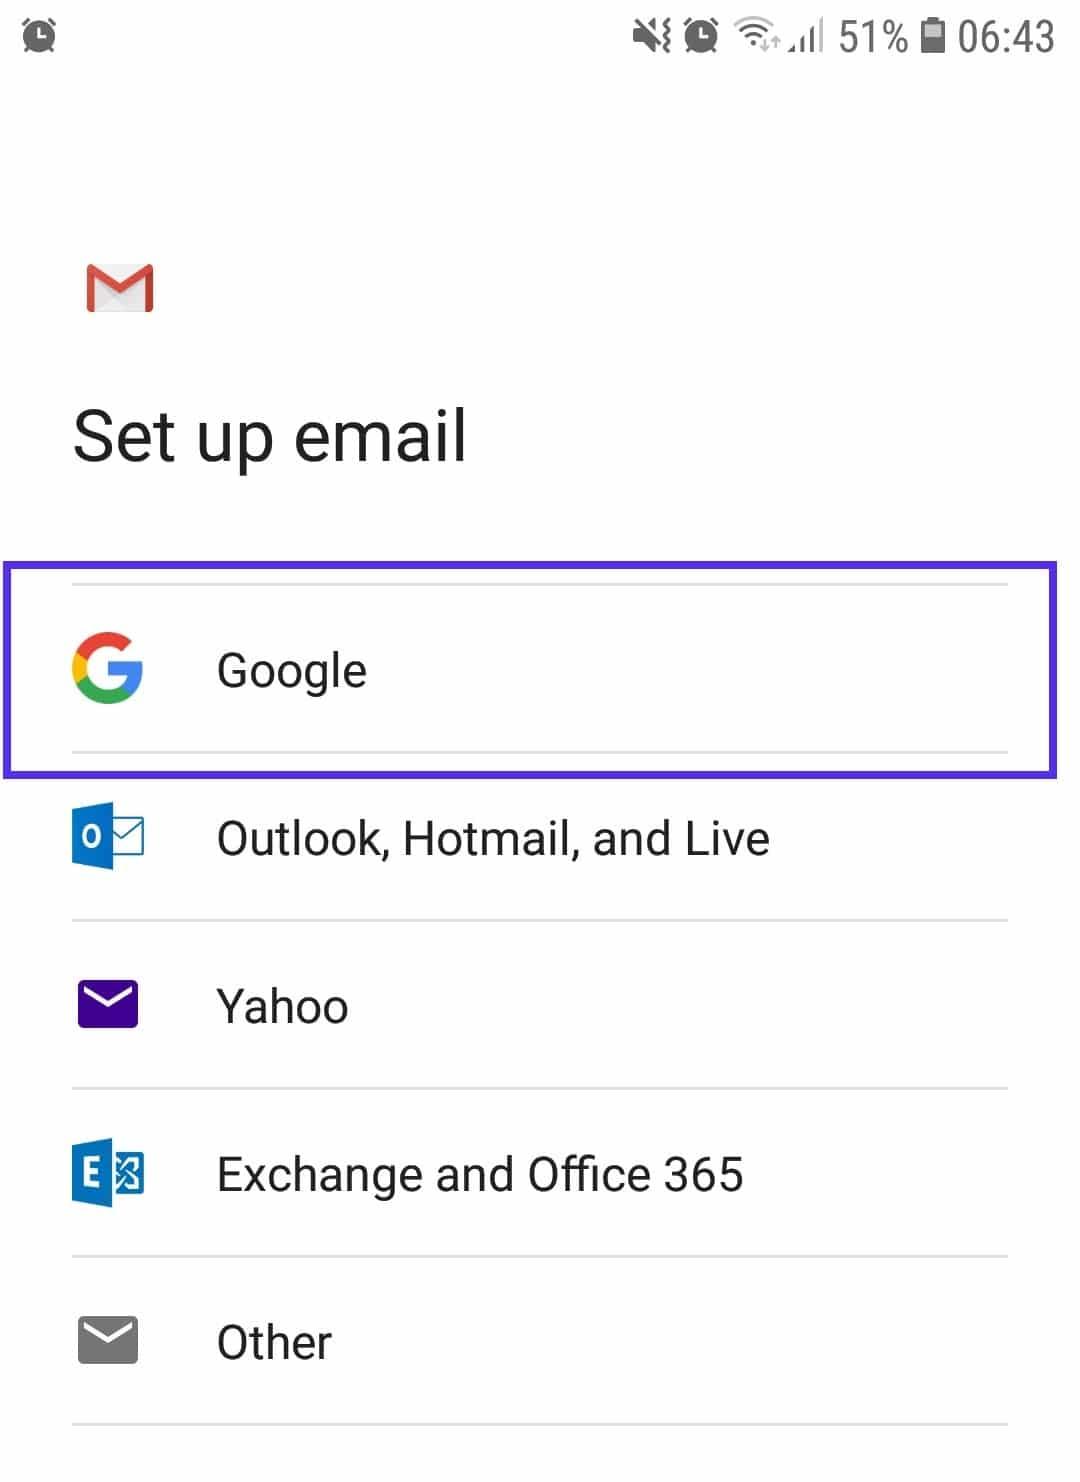 Accesso all'applicazione Gmail